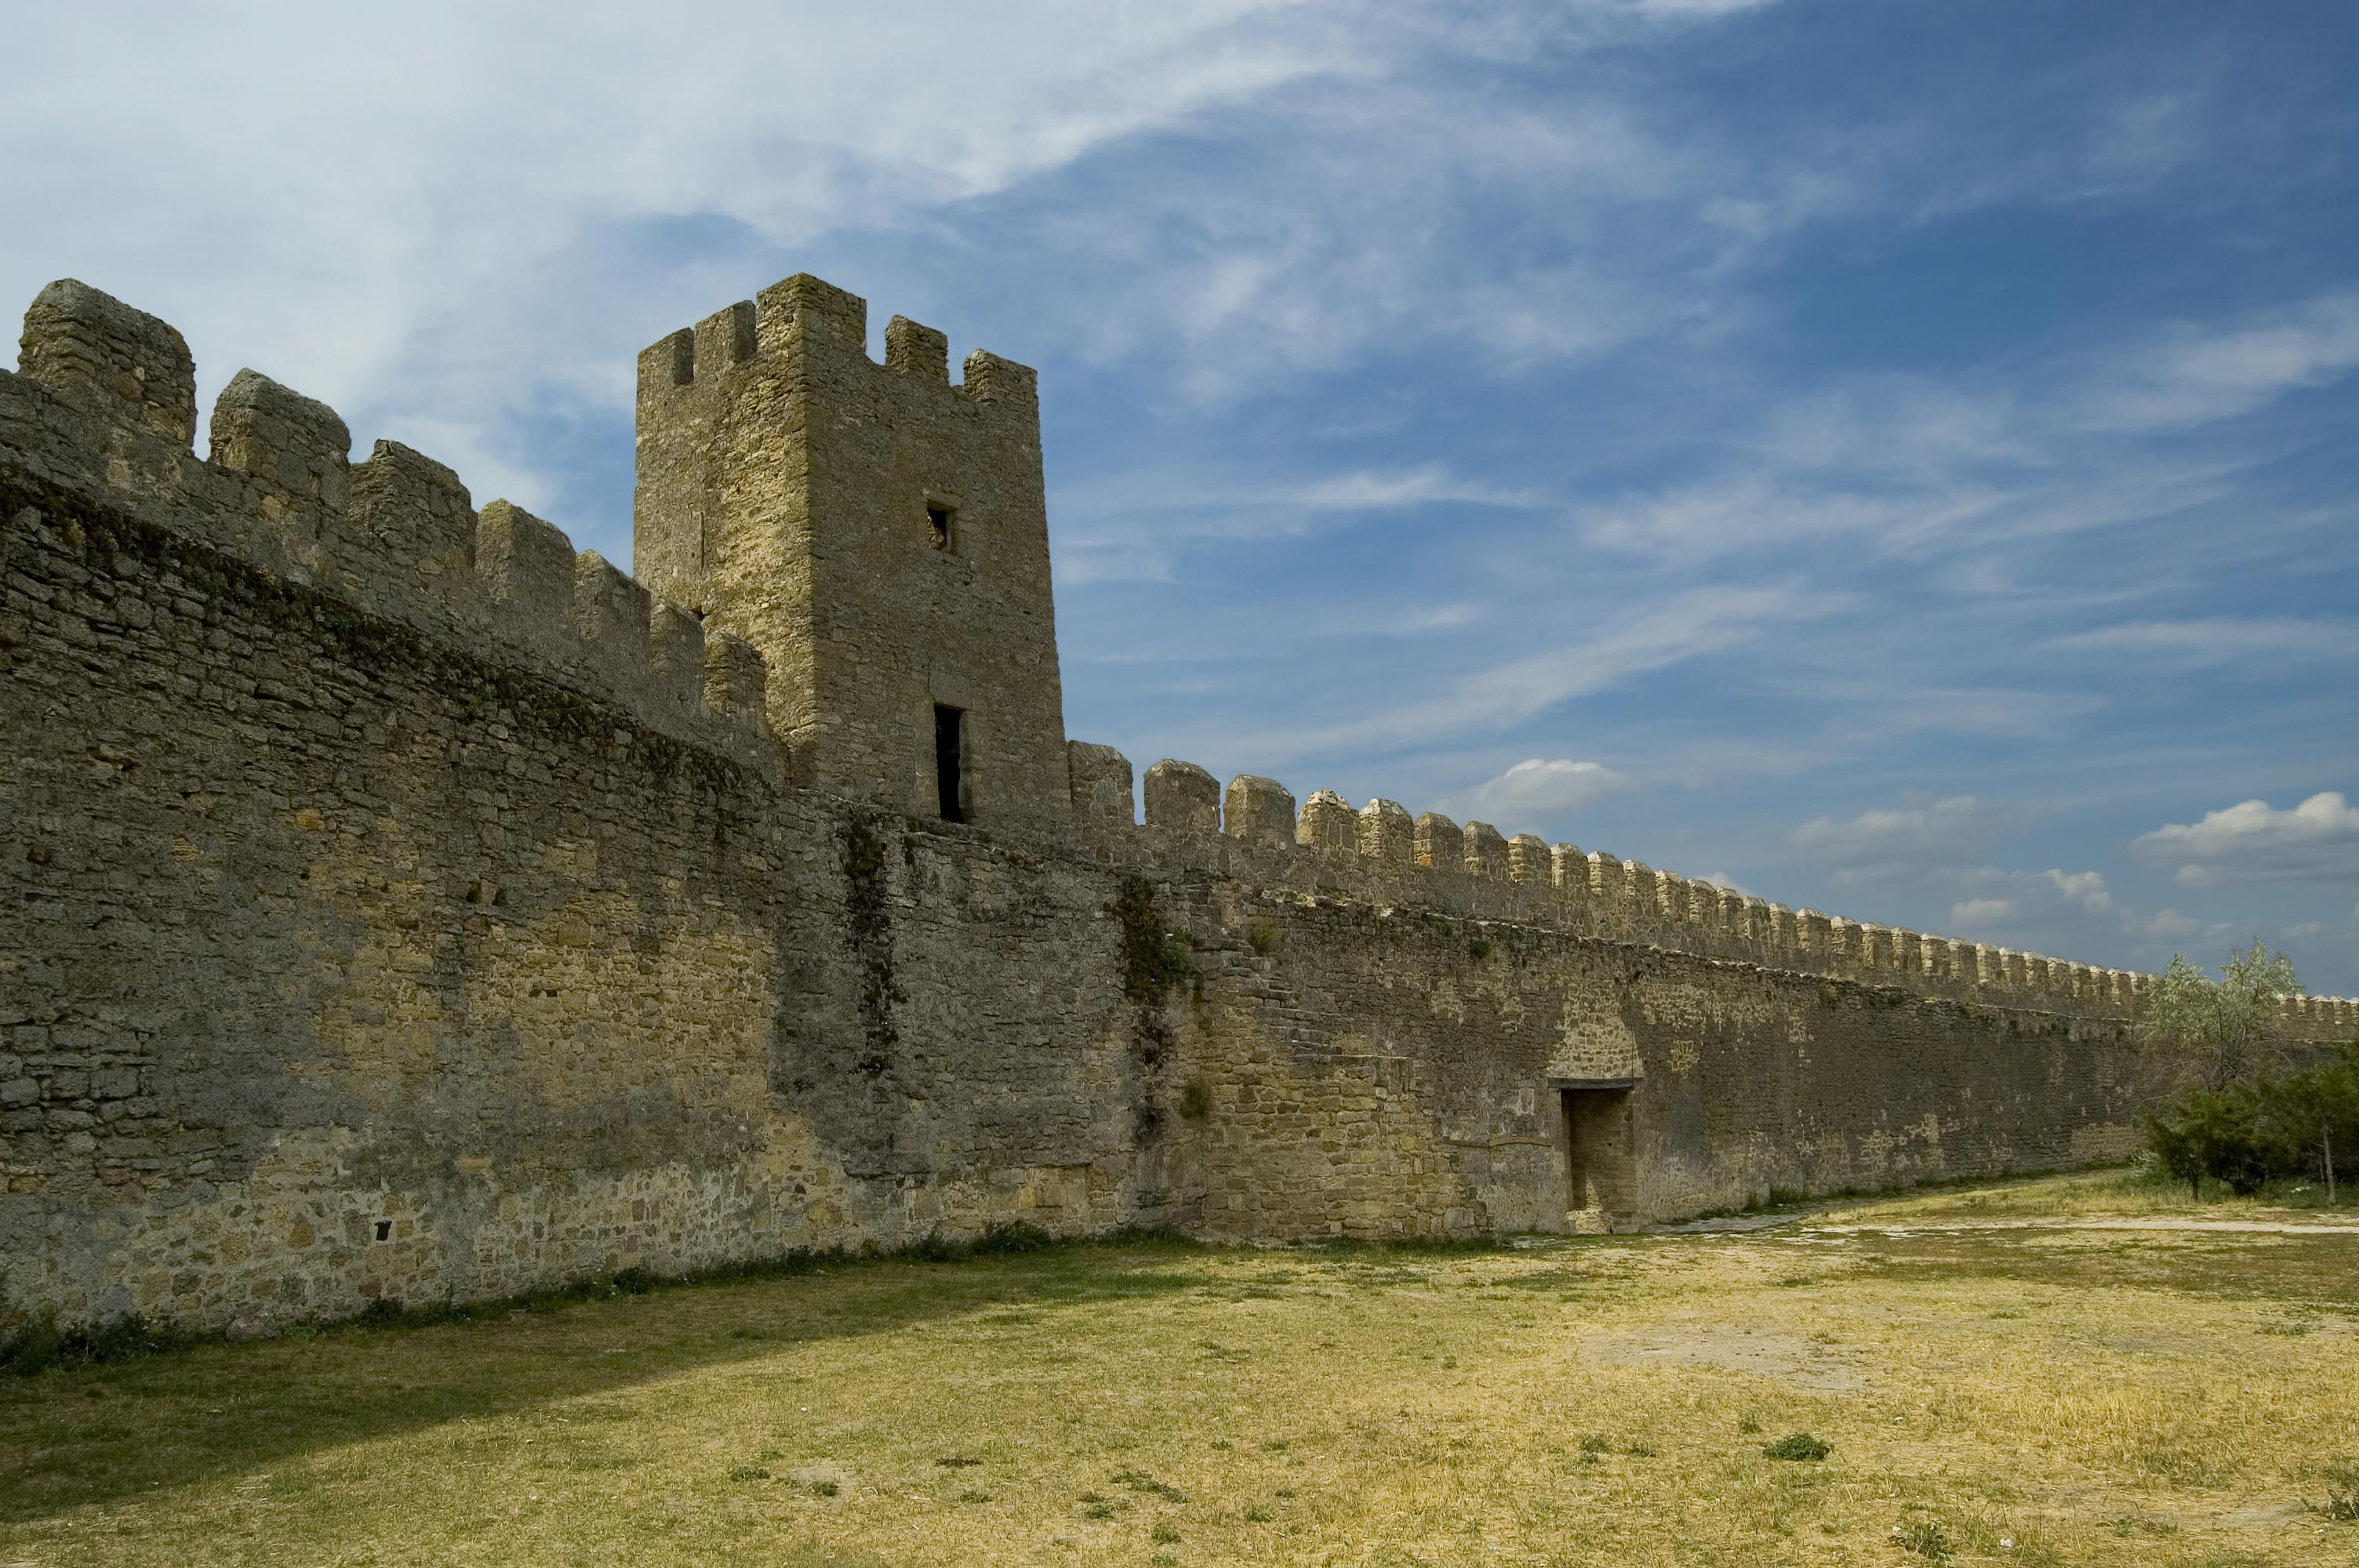 La economía señorial tuvo su apogeo en la Alta Edad Media